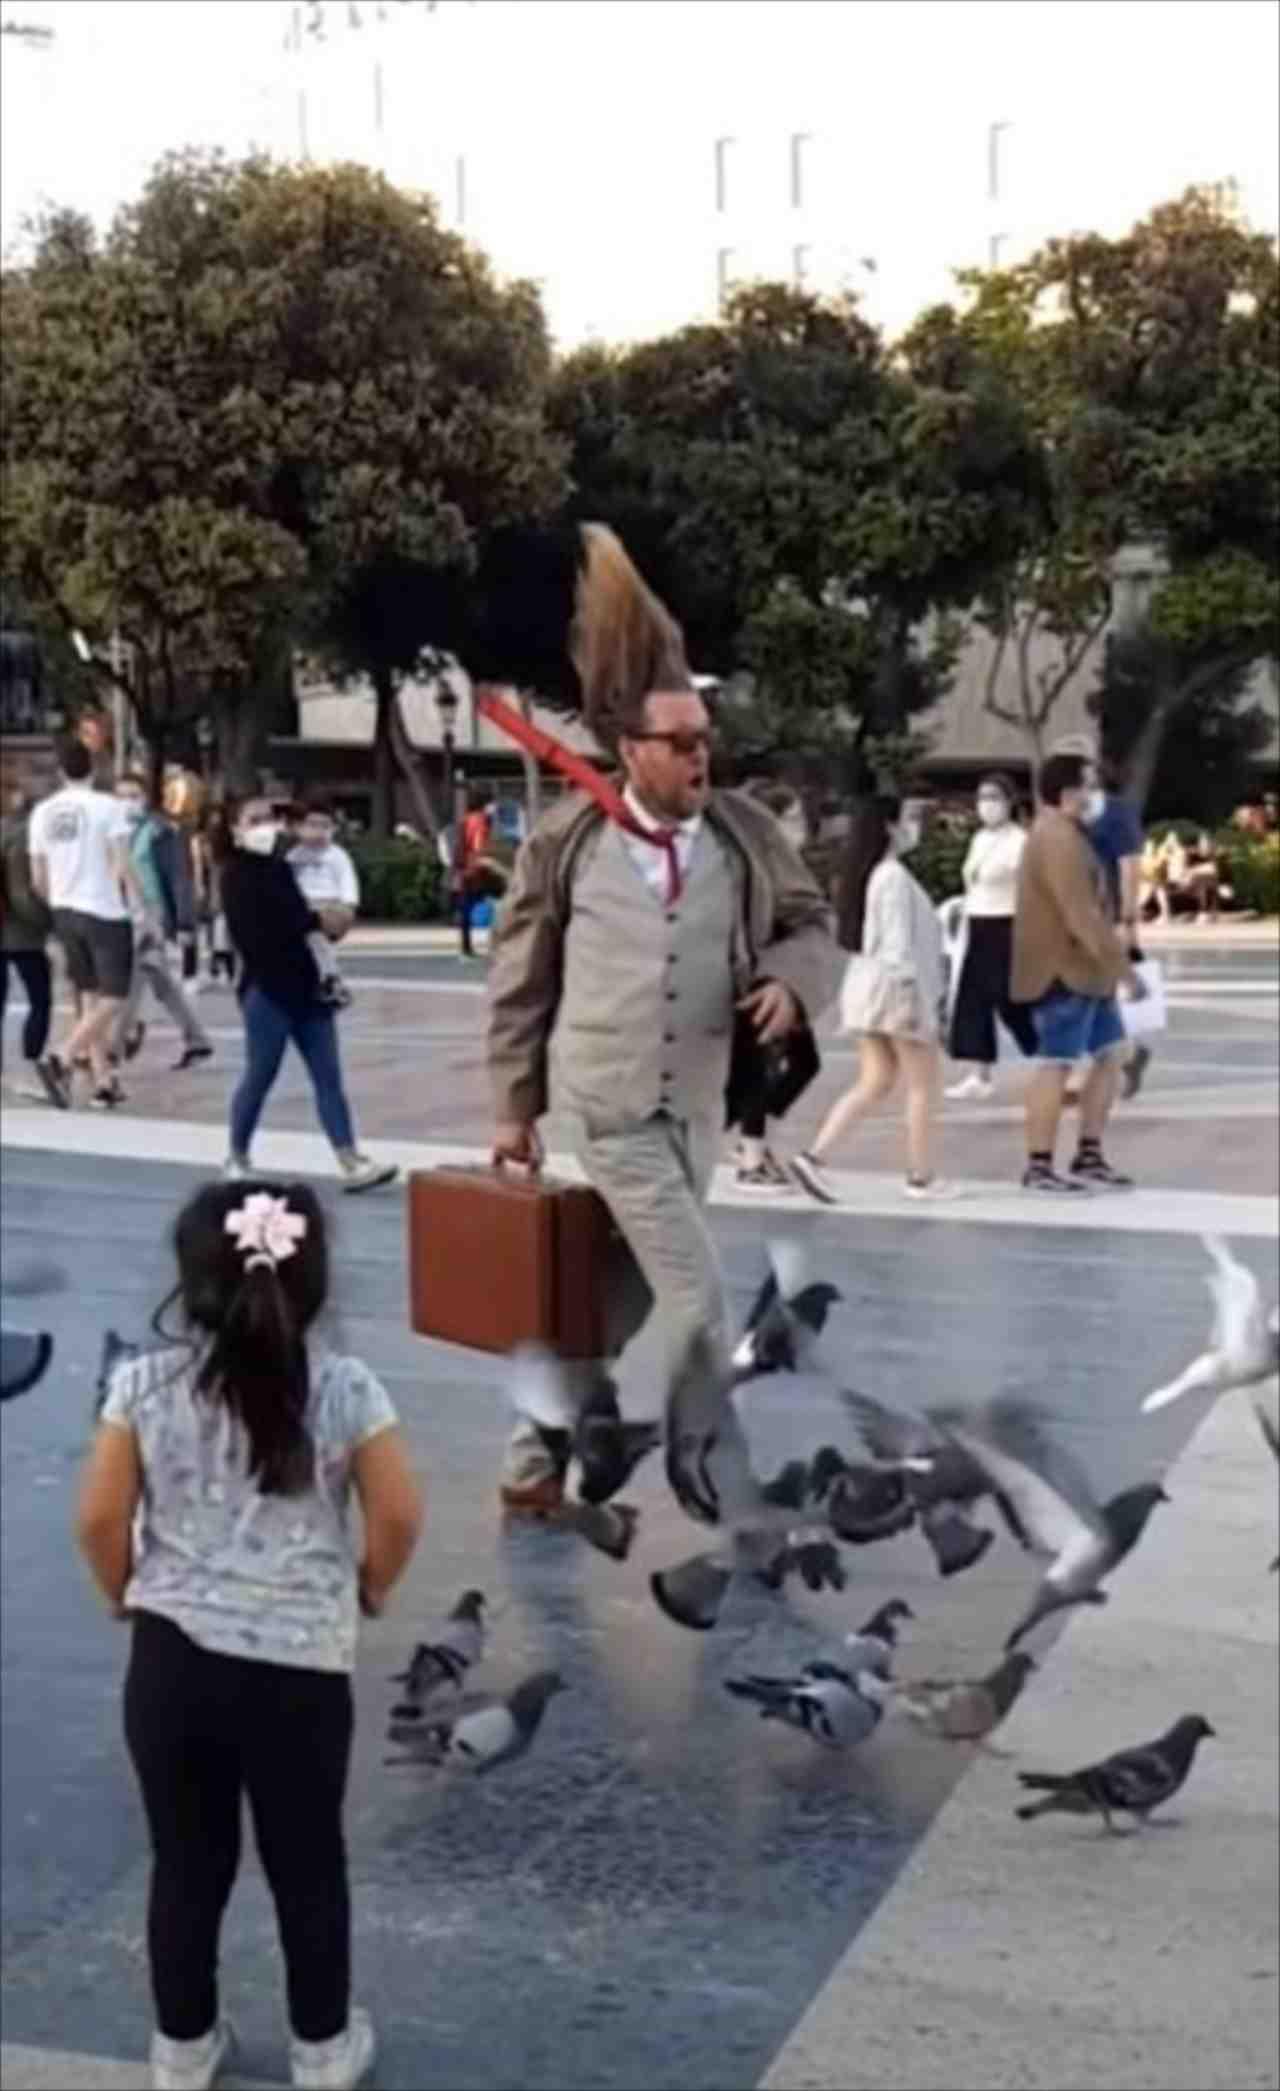 その男だけ時間が止まっていた?!斬新且つシュールなストリートパフォーマー現る!